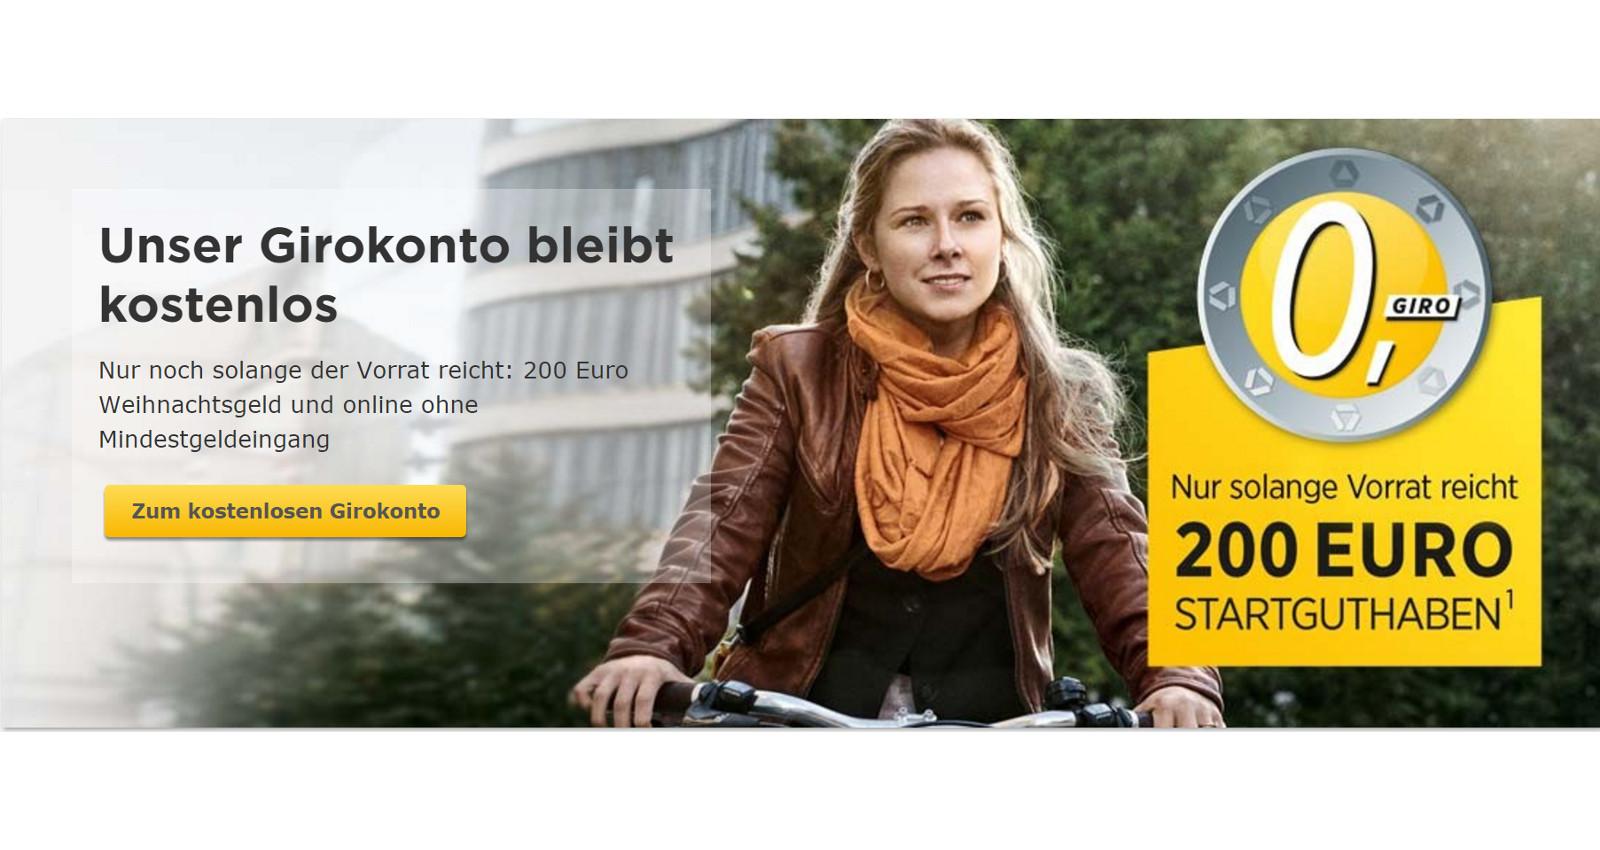 kostenloses Girokonto bei der Commerzbank